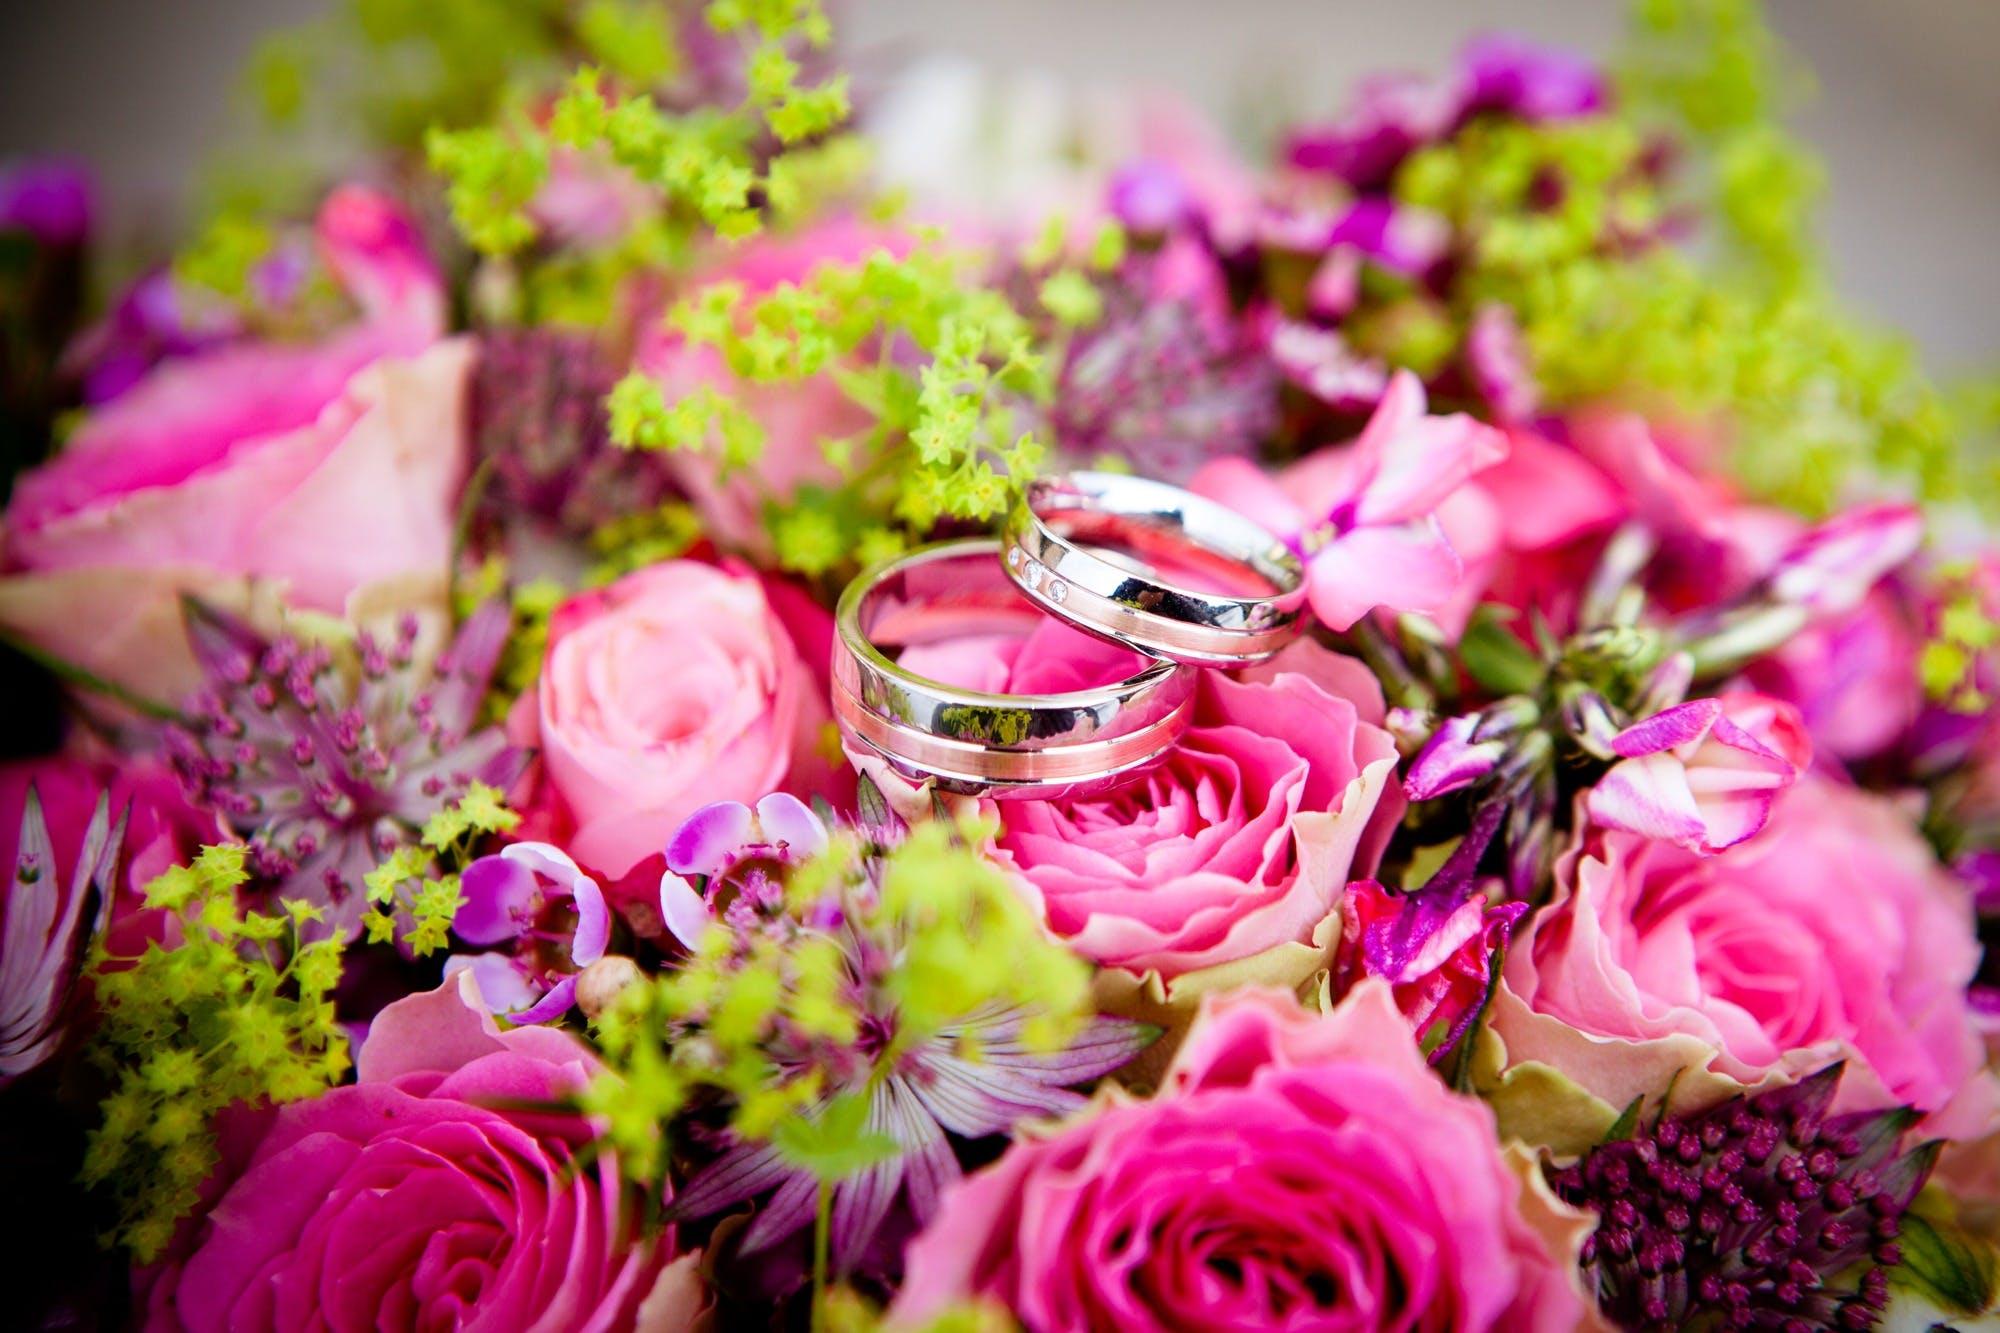 Δωρεάν στοκ φωτογραφιών με βέρες, γαμήλια τελετή, ειδύλλιο, εορτασμός